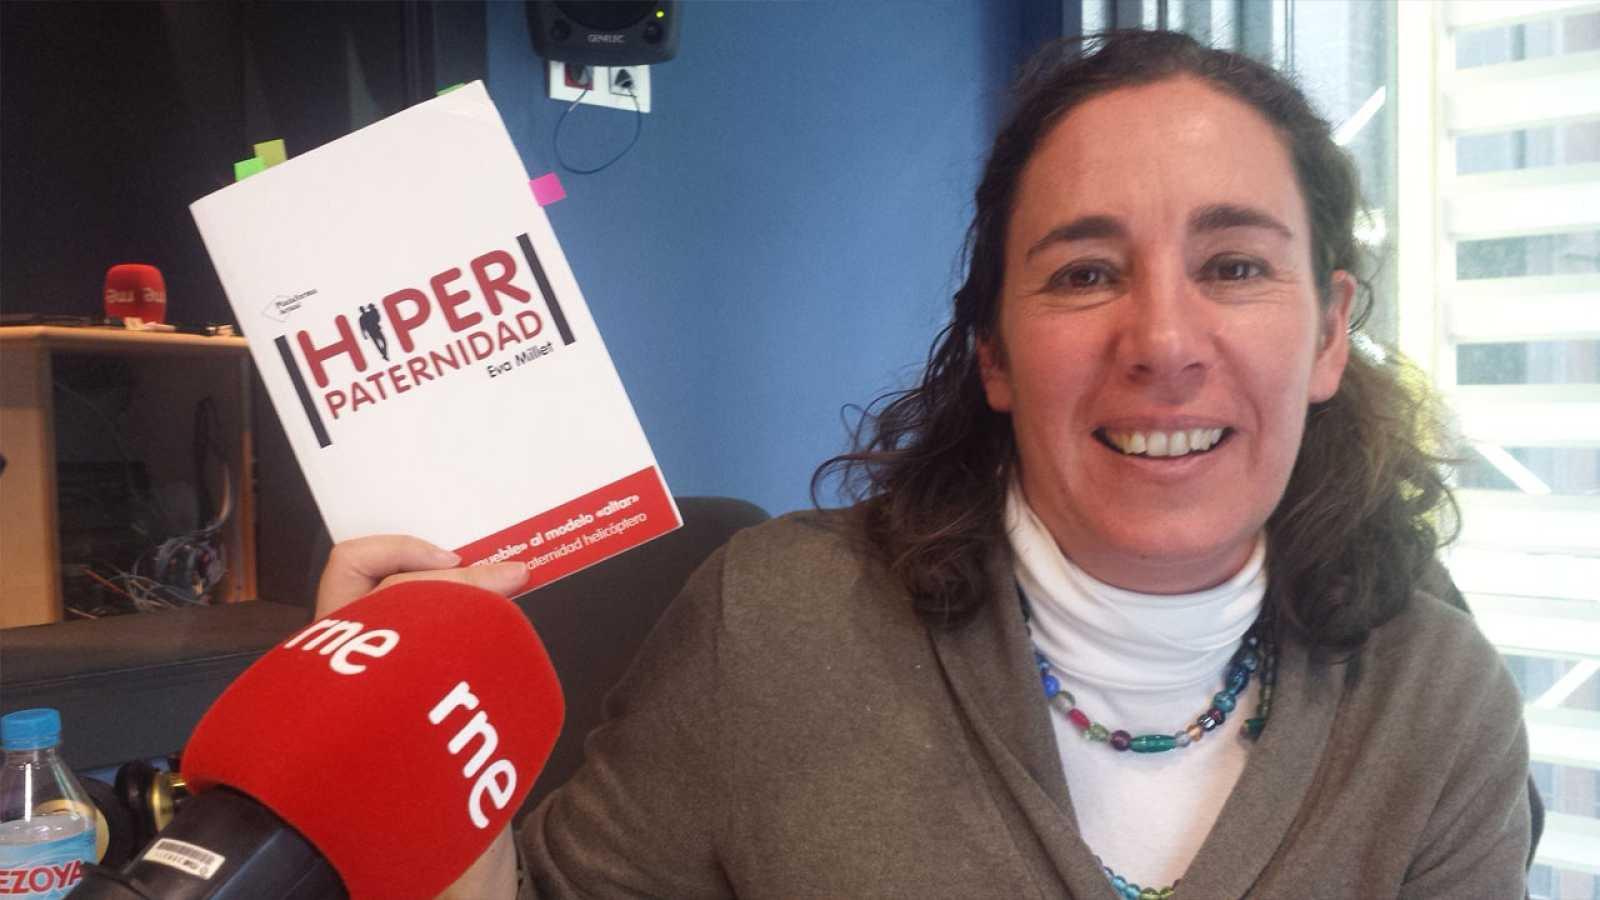 Lletra lligada - Entrevista a Eva Millet - Hiperpaternitat